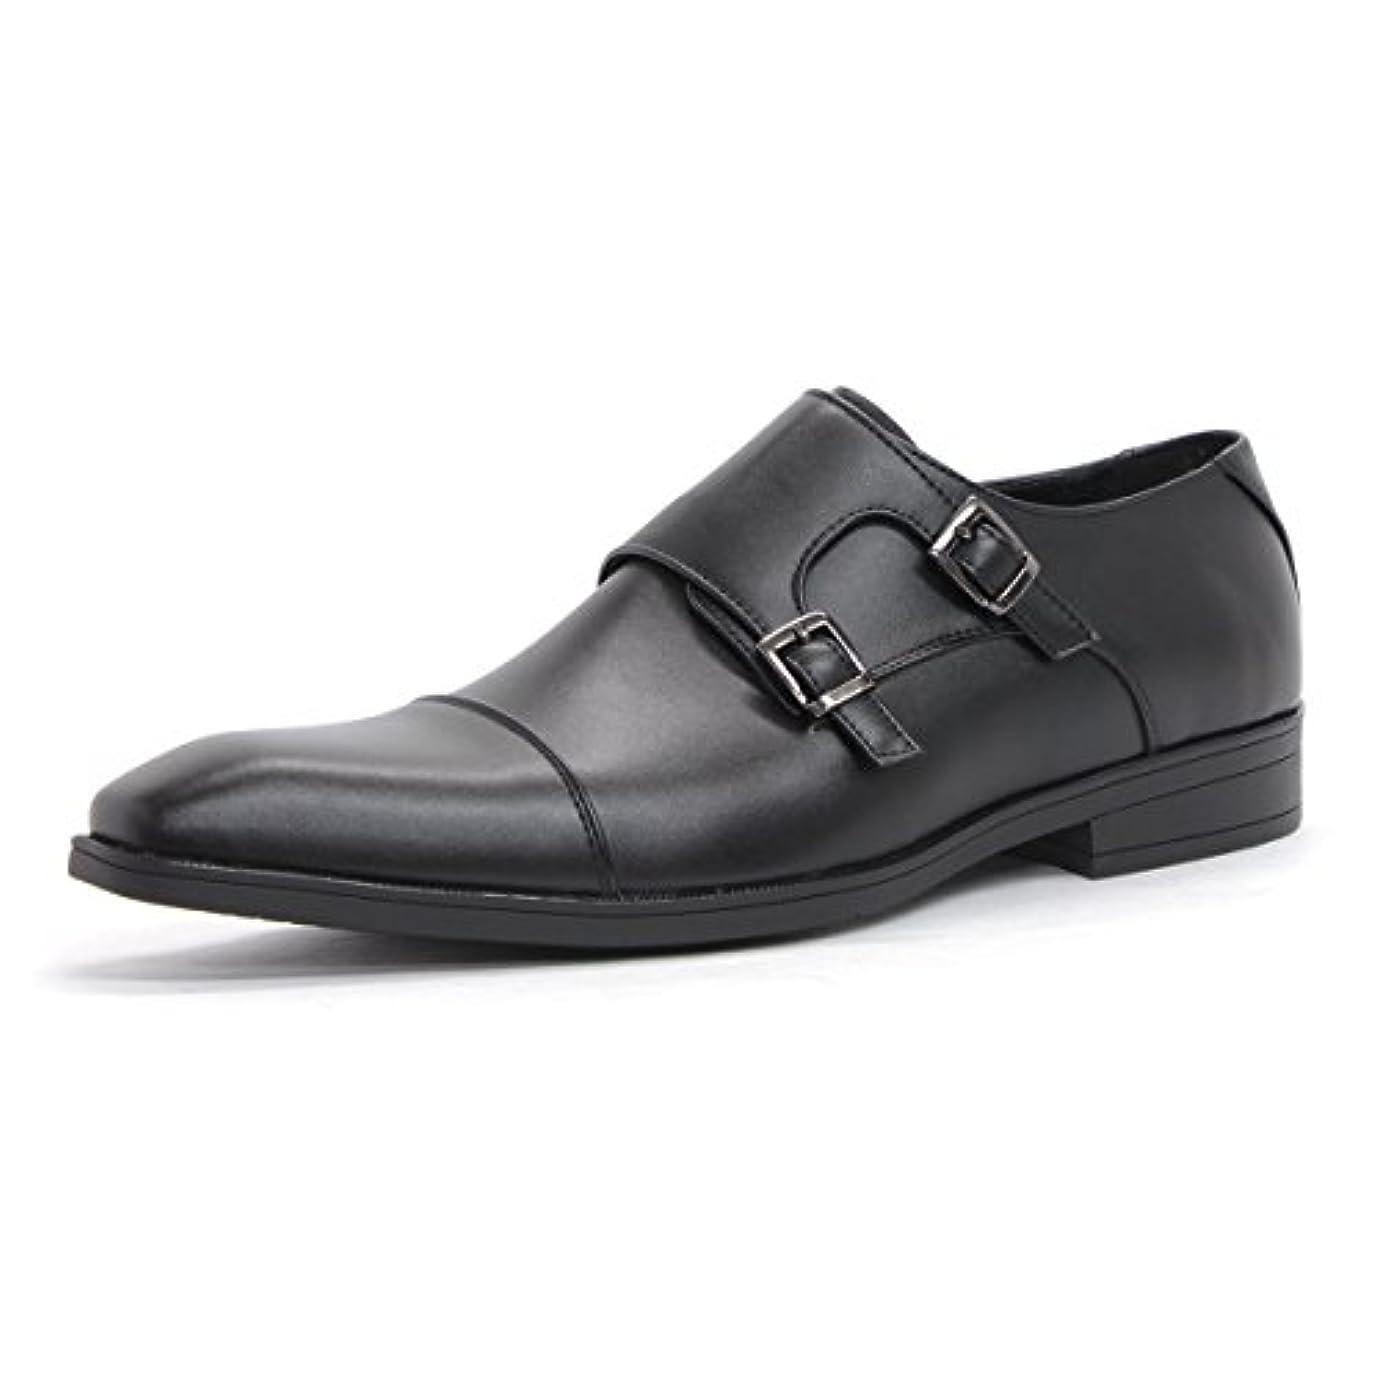 いつでも池アルバム【AAA+ サンエープラス】2709 ビジネスシューズ 靴 紳士靴 メンズ 冠婚葬祭 結婚式 フォーマル 大きいサイズ PUレザー ダブルモンク